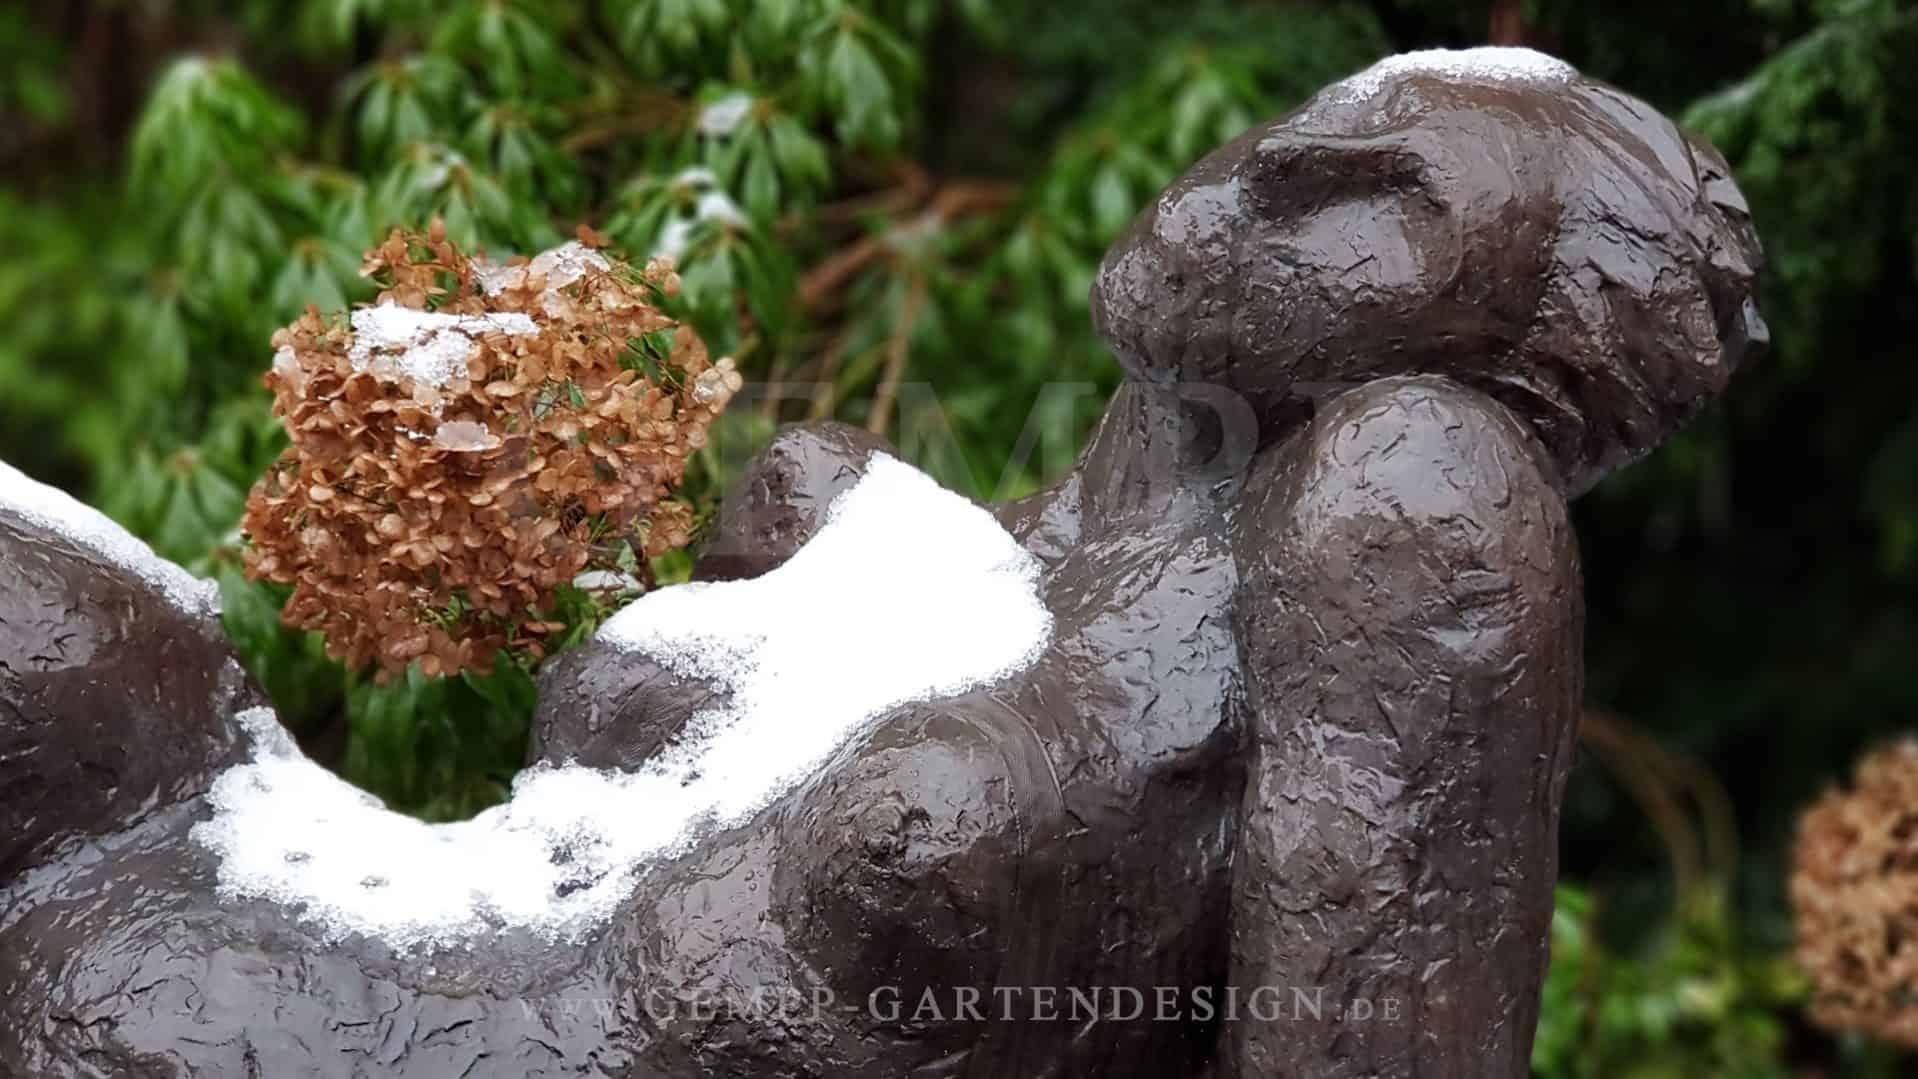 GARTENSKULPTUREN | GARTENDEKO | Gempp Gartendesign